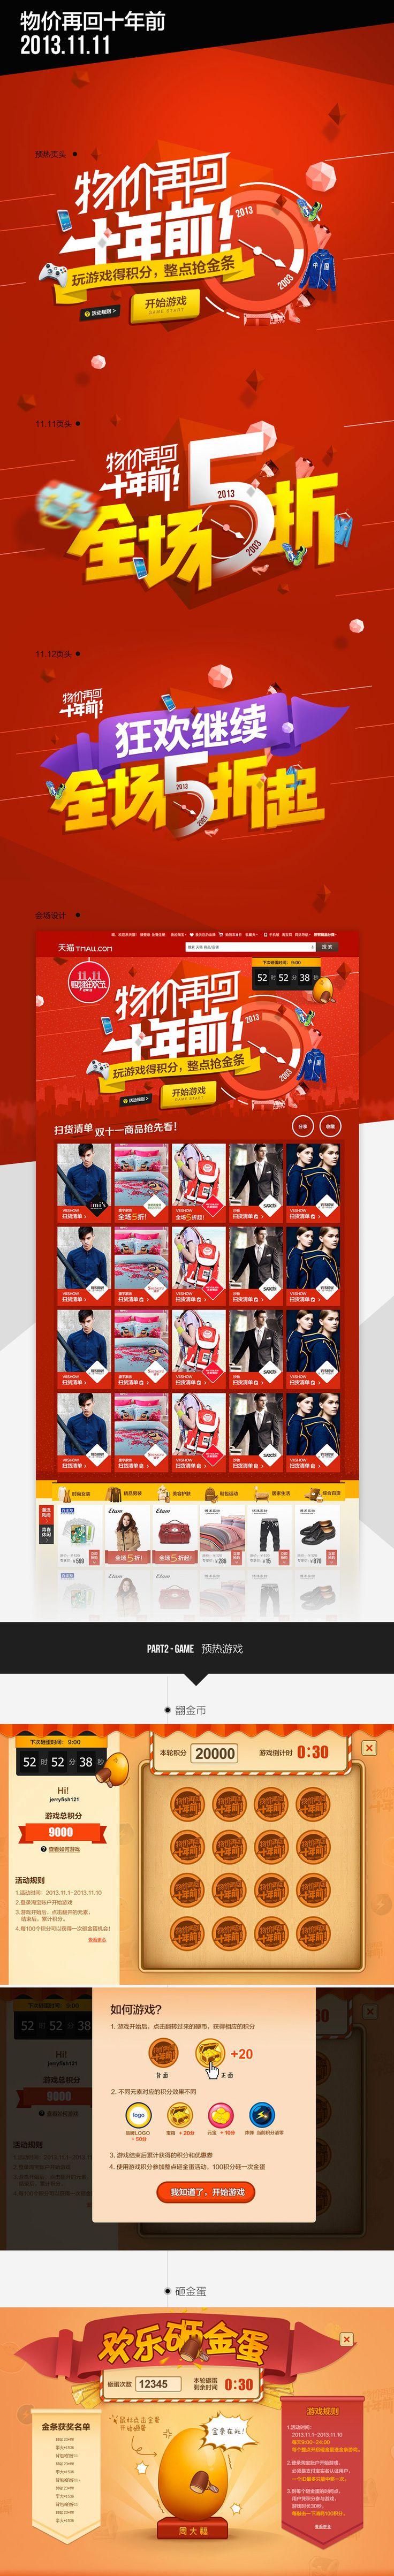 物价在回十年前头图文字设计,来源自黄蜂网http://woofeng.cn/